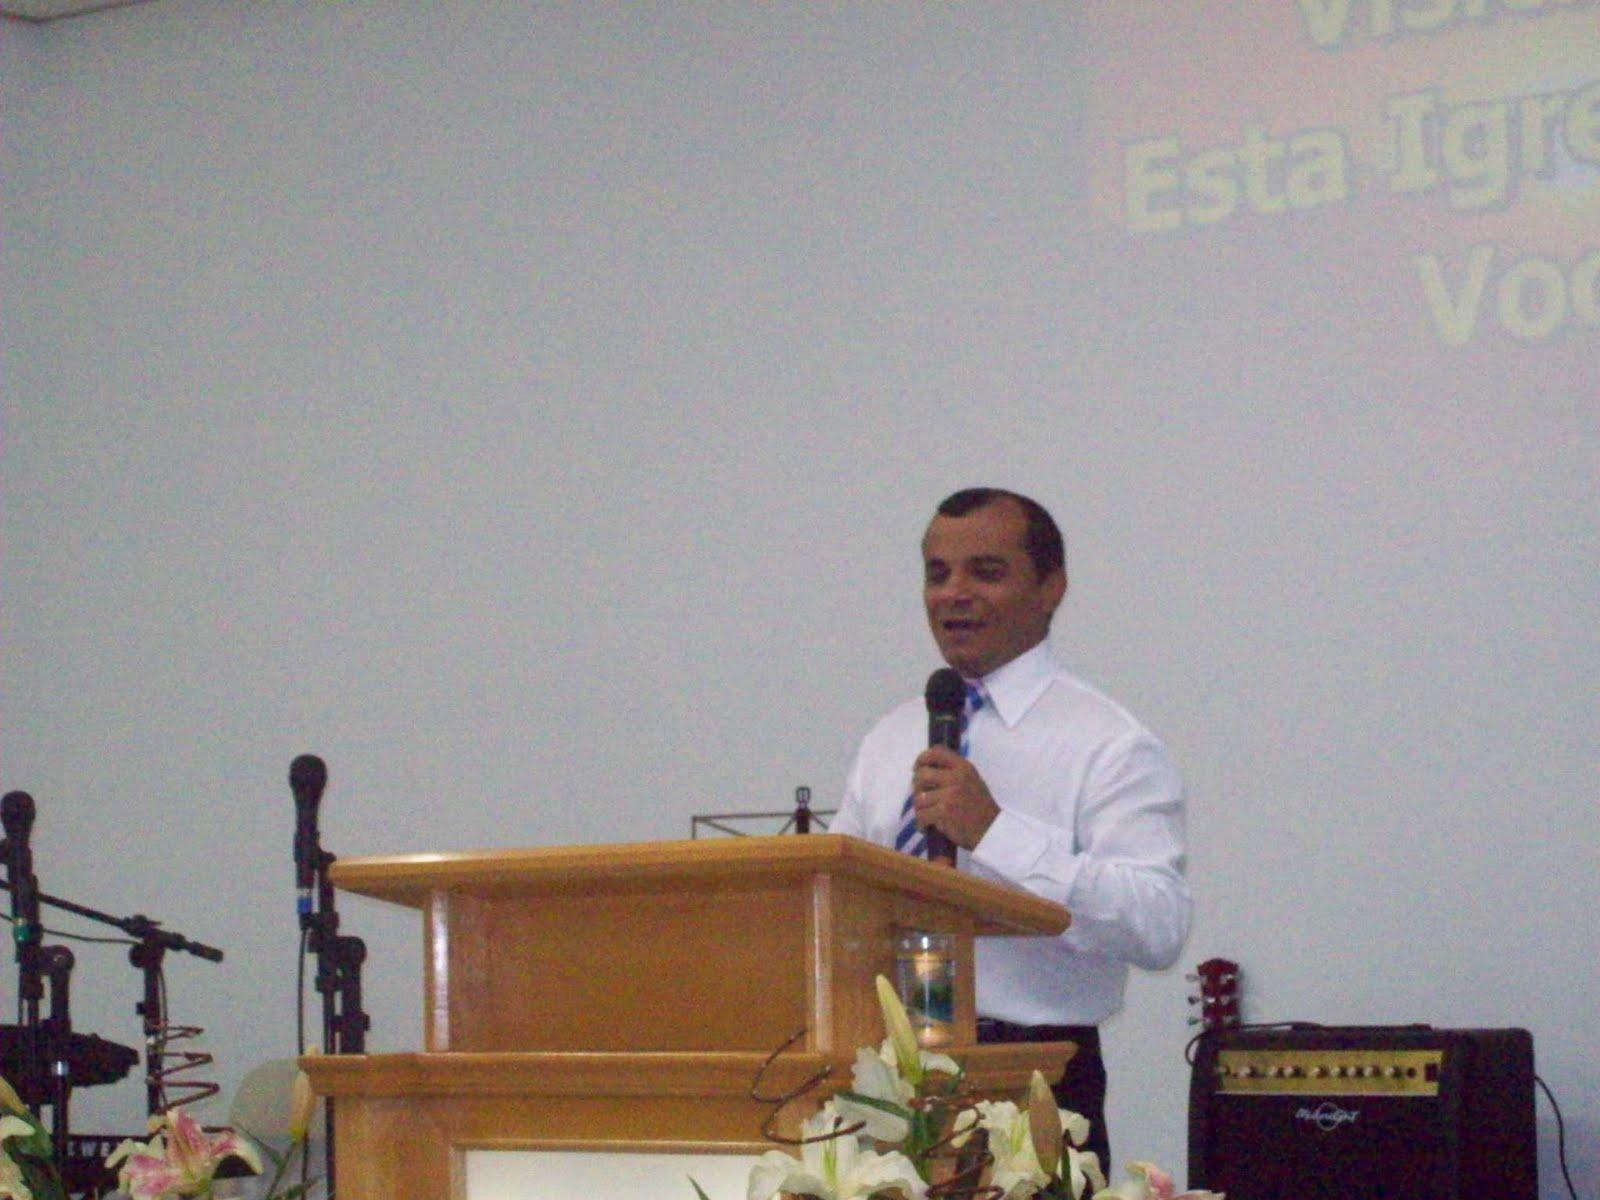 Enchei Vos Do Espírito Santo De: O BRASIL PARA CRISTO PERUS: Enchei-vos Do Espírito Santo